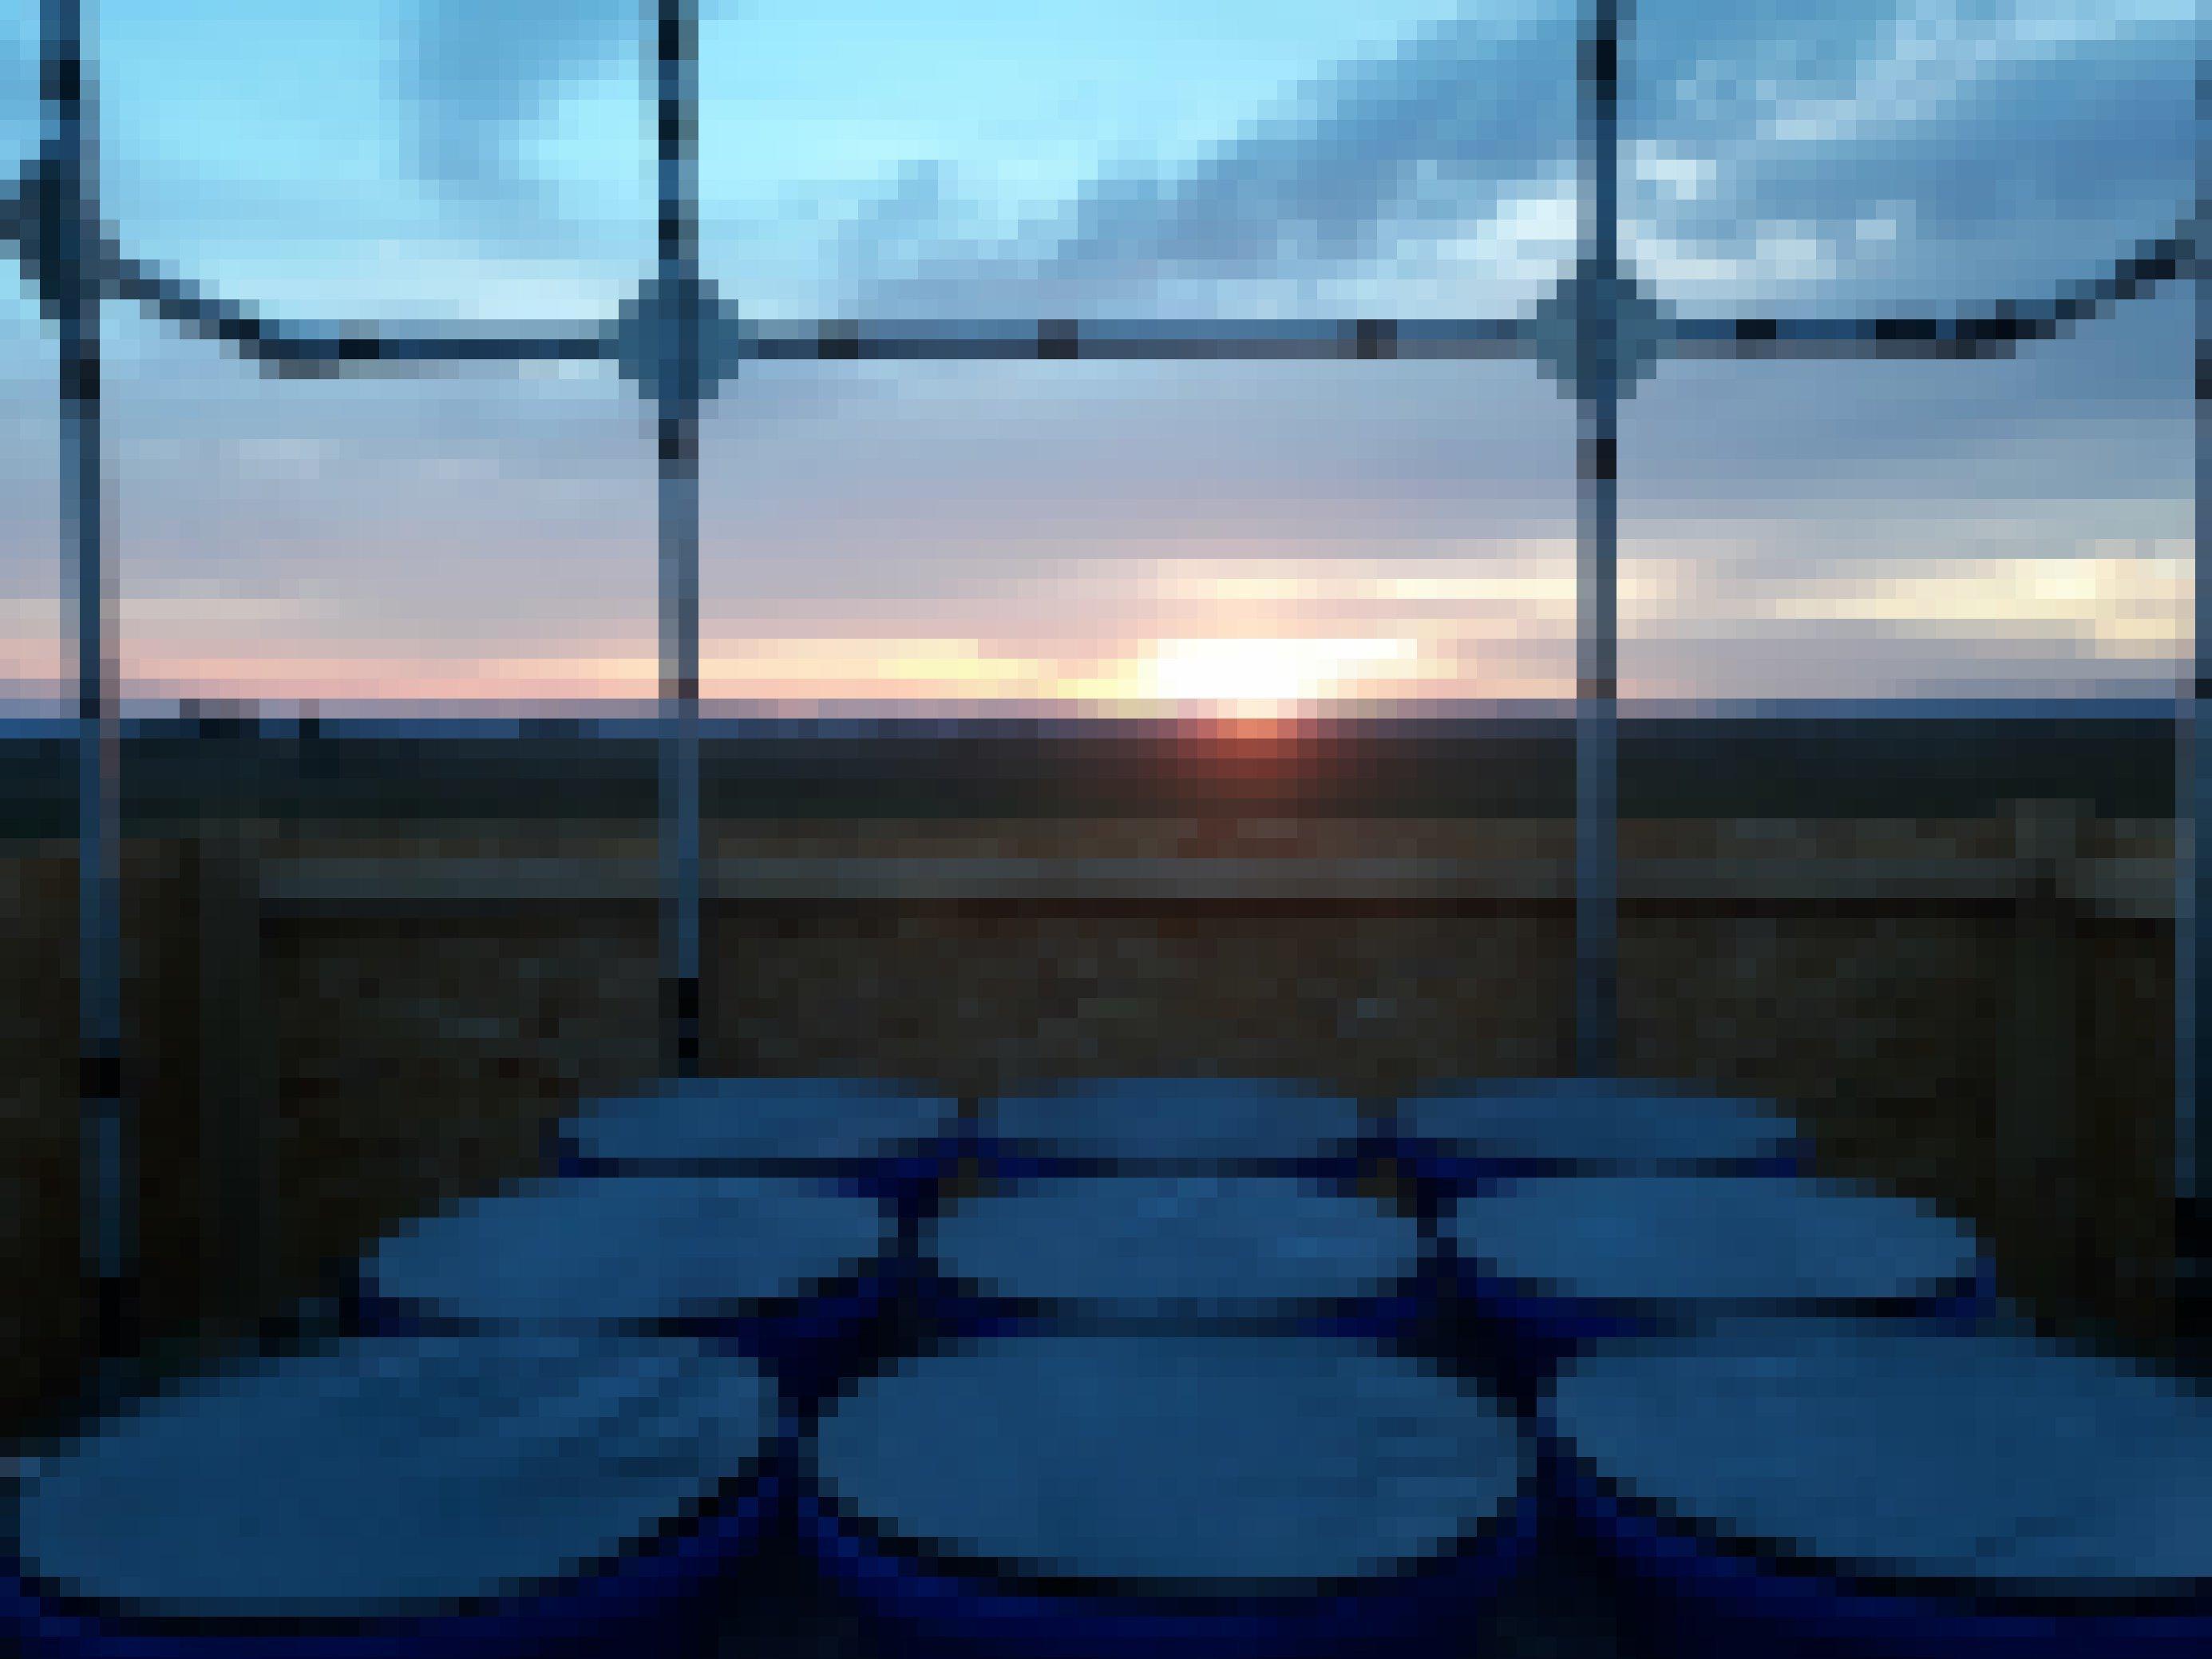 Das Bild zeigt den Versuchsaufbau: mehrere Käfige in der Abenddämmerung.